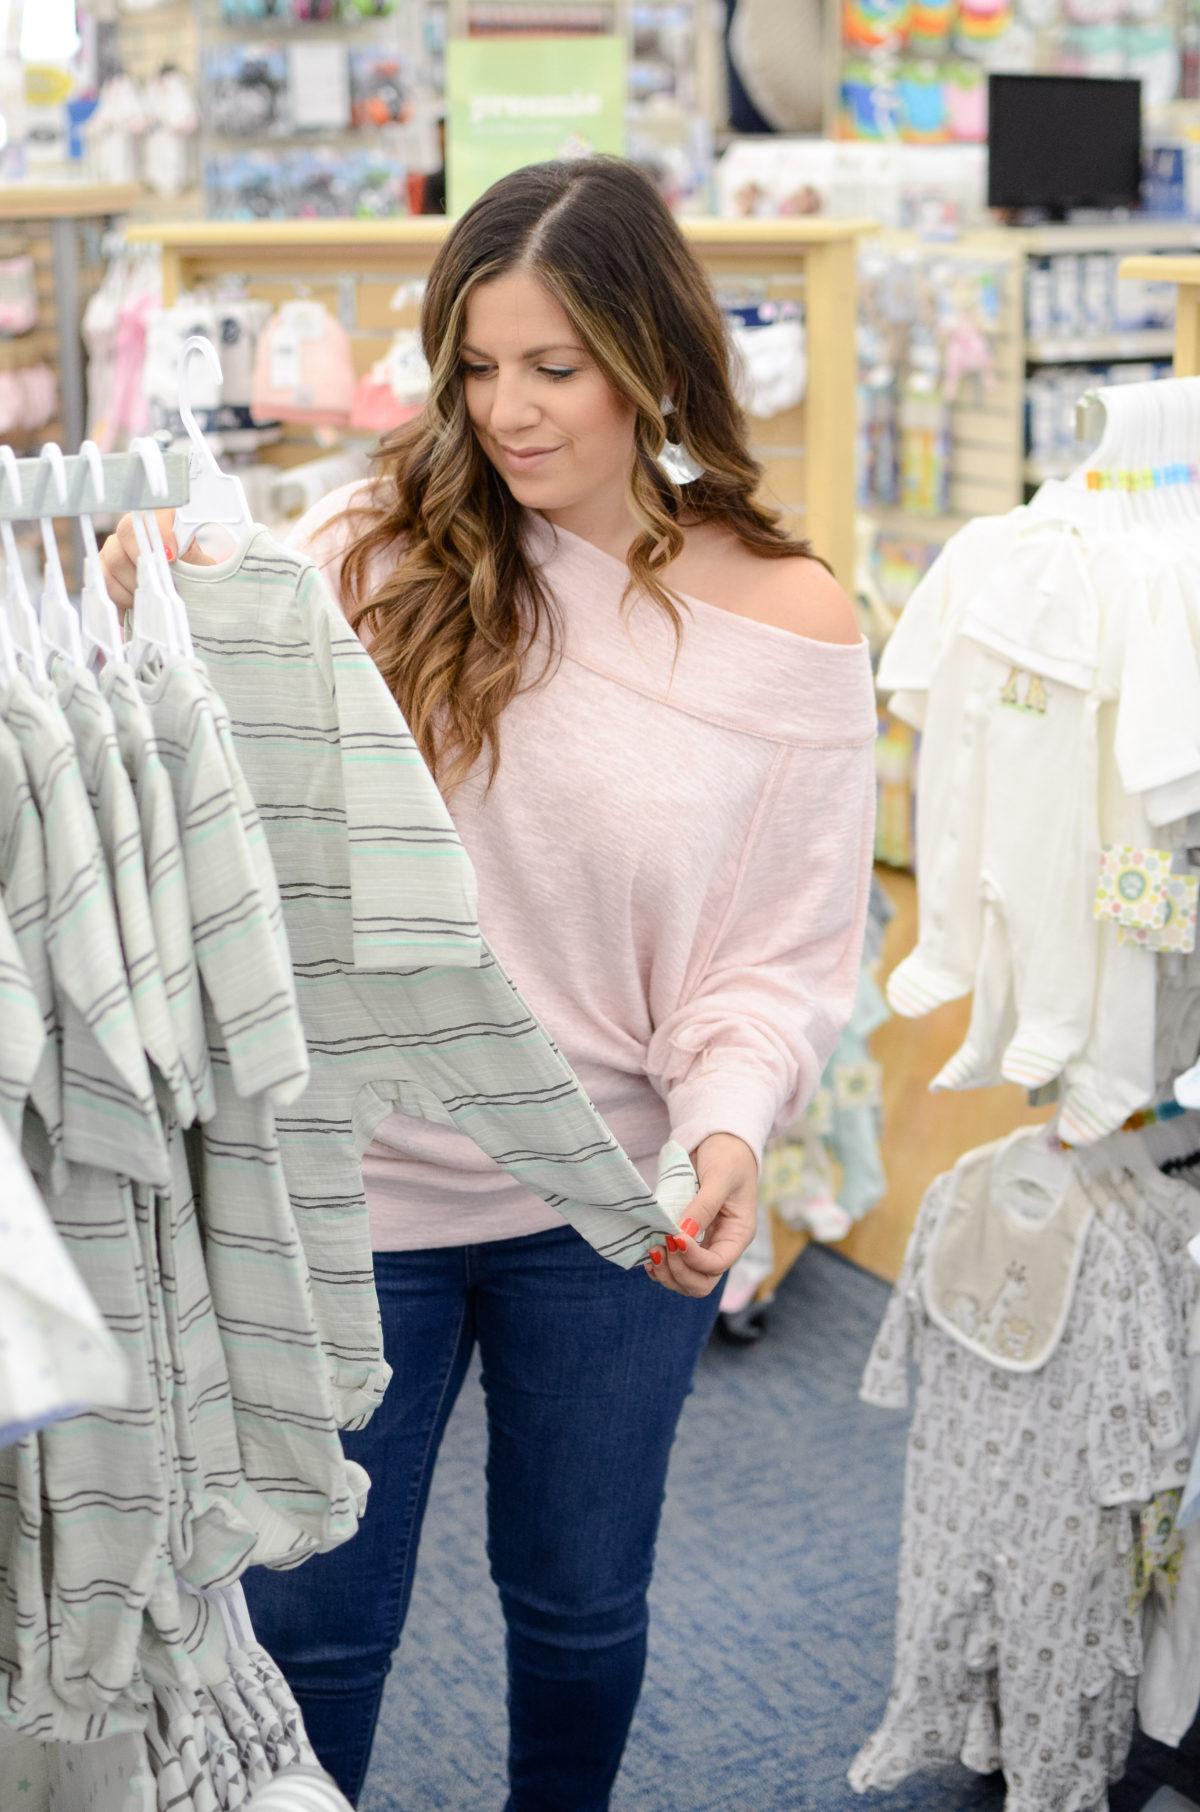 buybuy BABY toddler and infant clothing, Jaime Cittadino Florida motherhood blogger